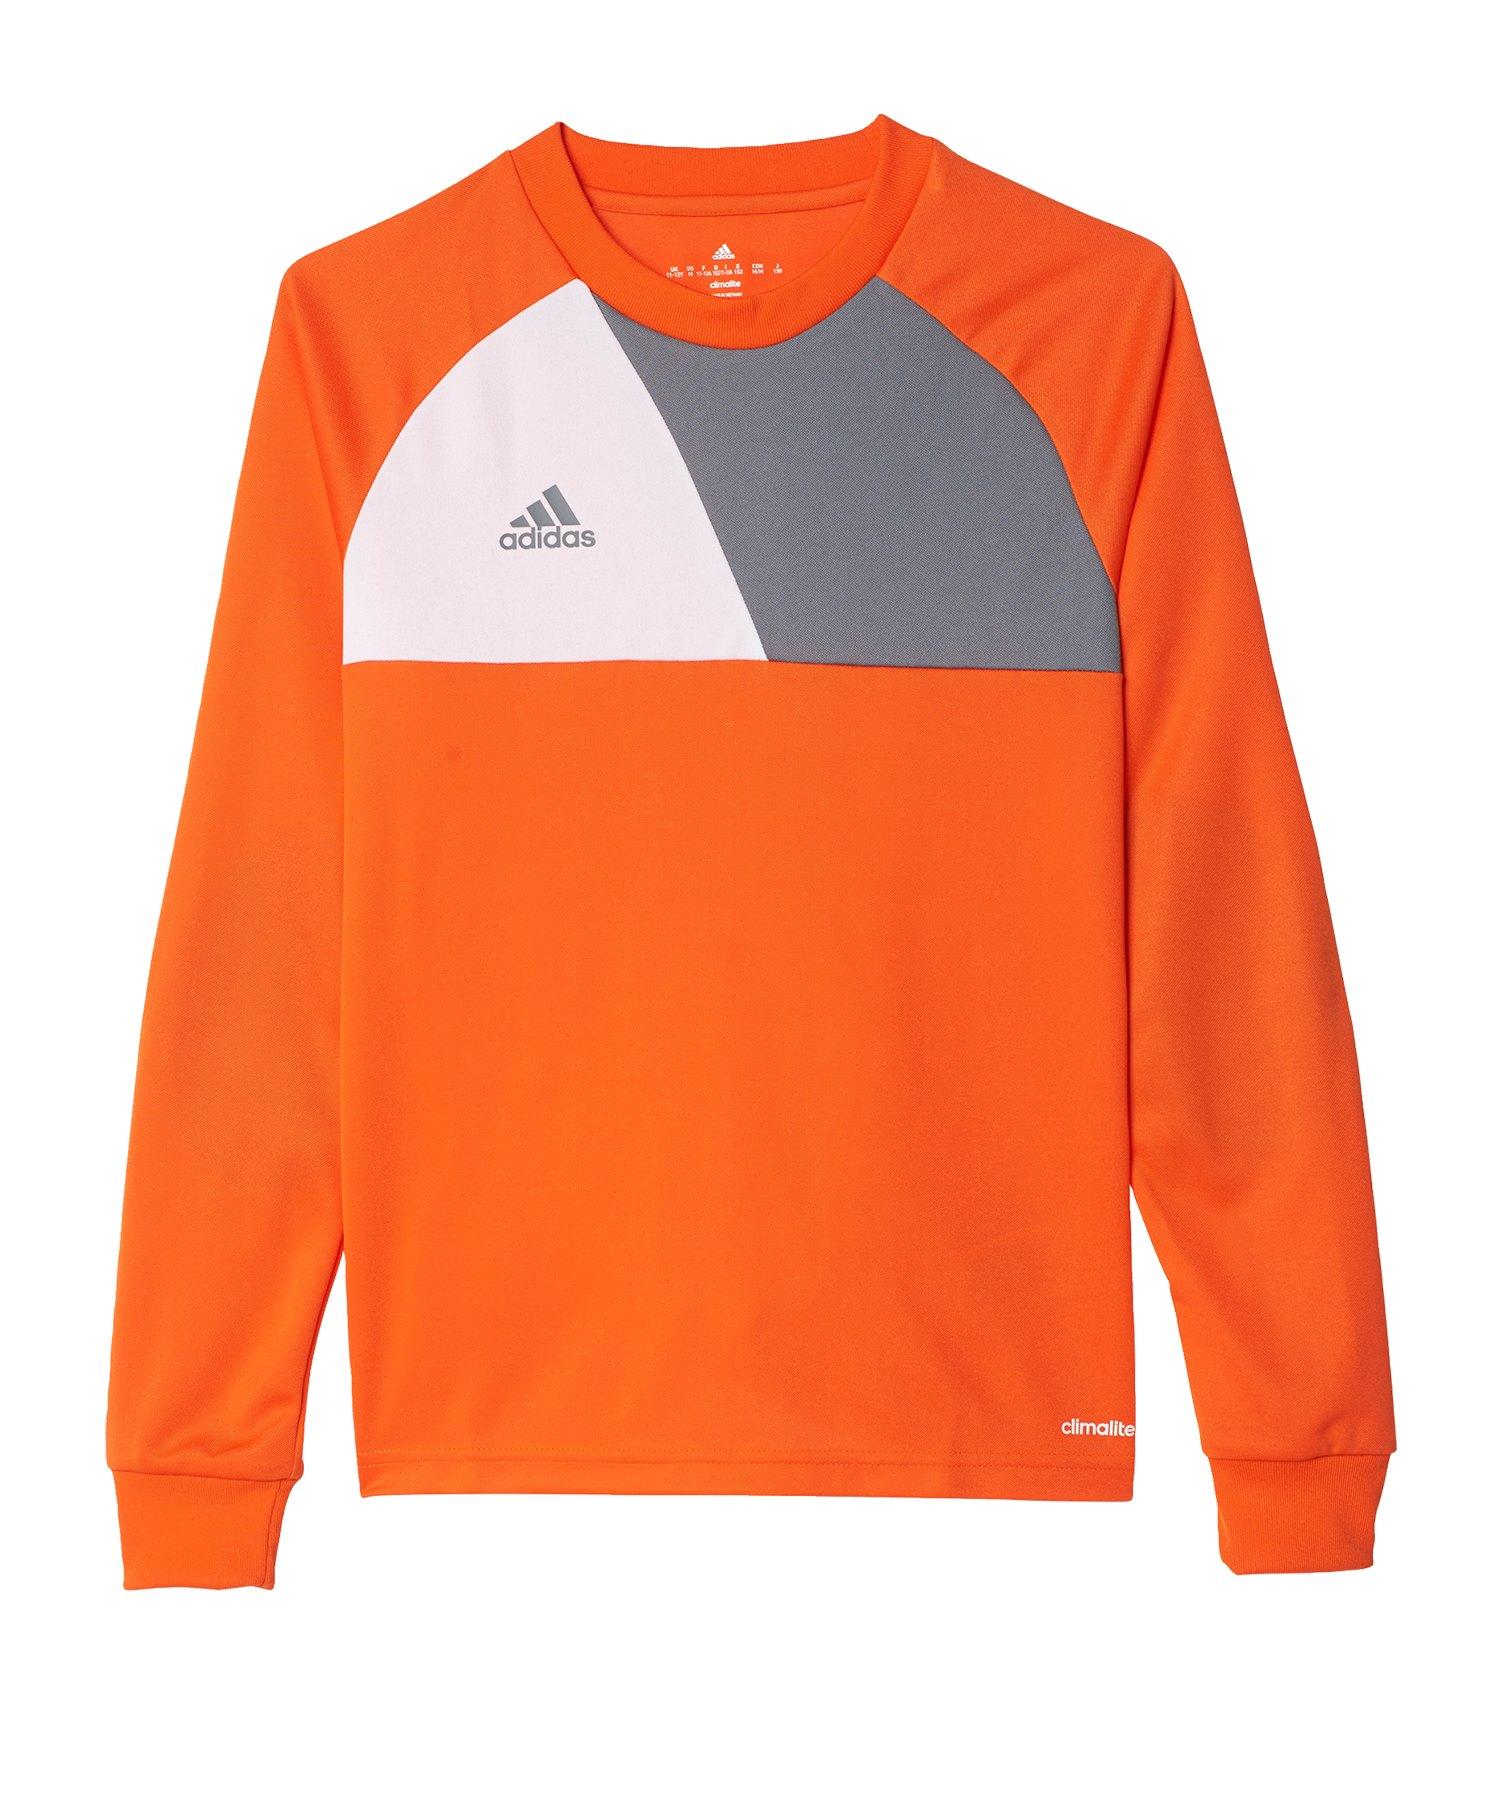 adidas Assita 17 langarm Shirt Kids Orange Weiss - orange